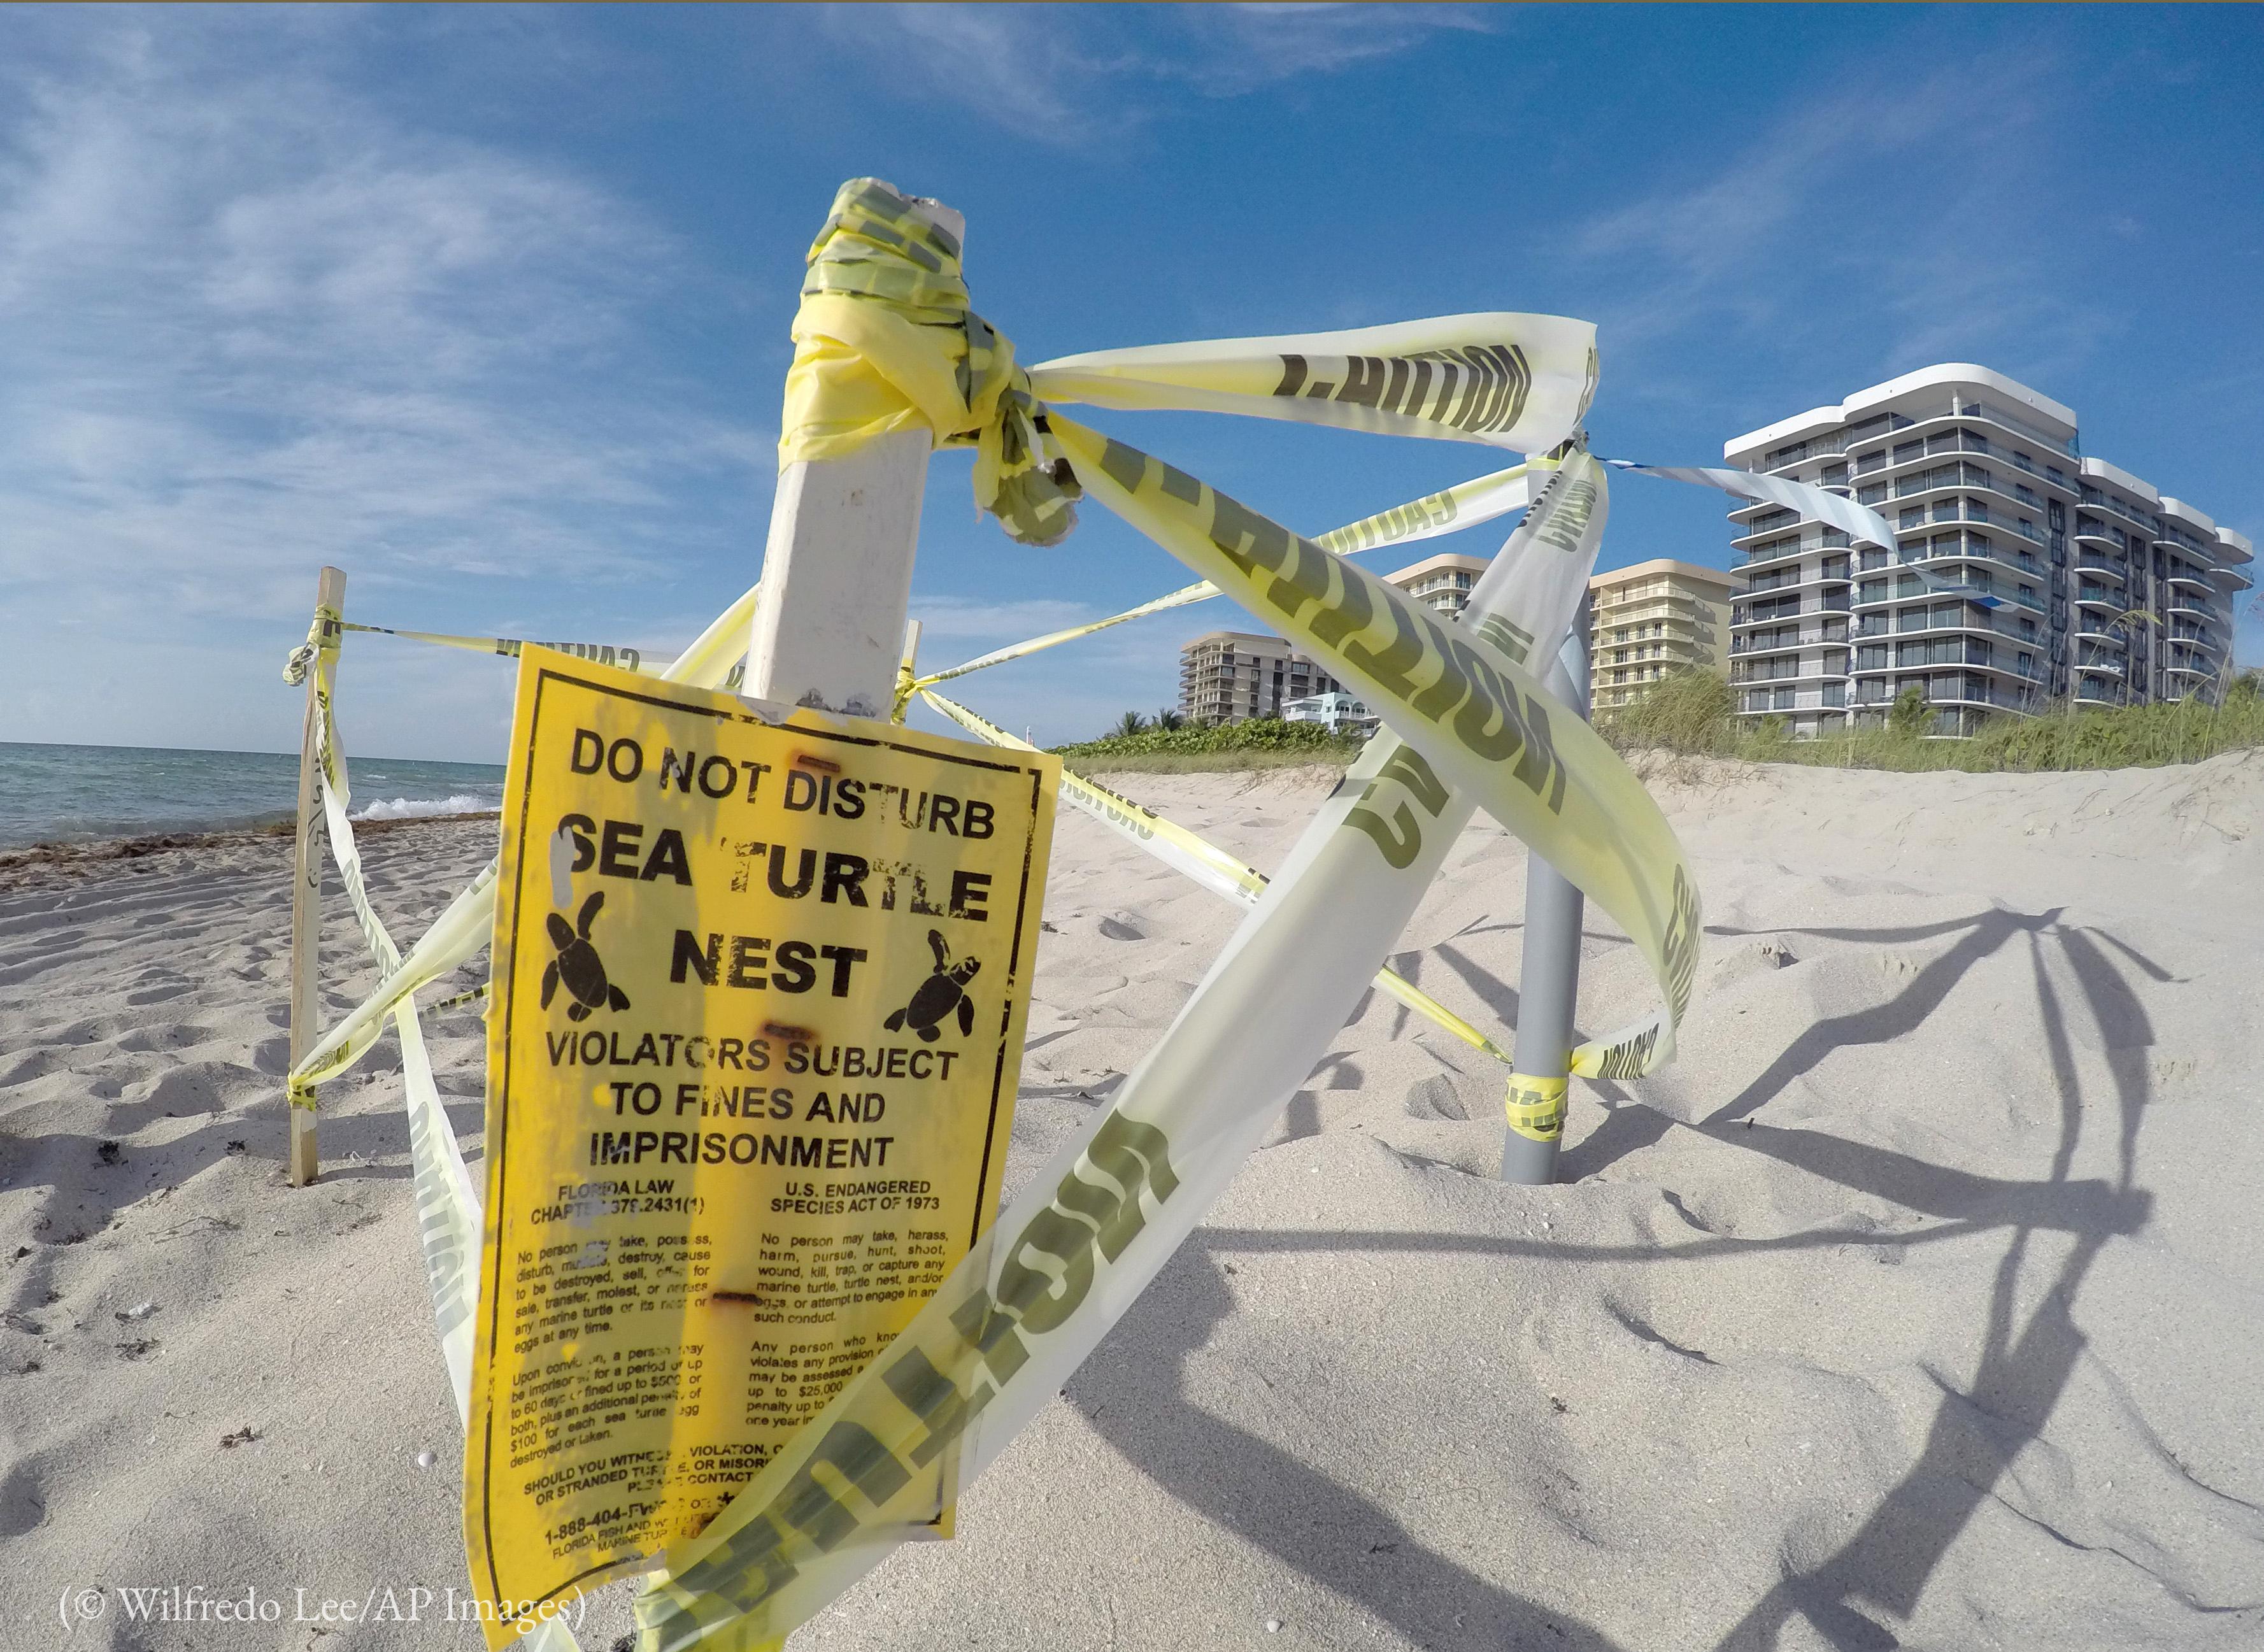 Pedaços de pau cravados na areia envoltos por fita plástica formam uma cerca protetora para um ninho de tartarugas em uma praia (© Wilfredo Lee/AP Images)